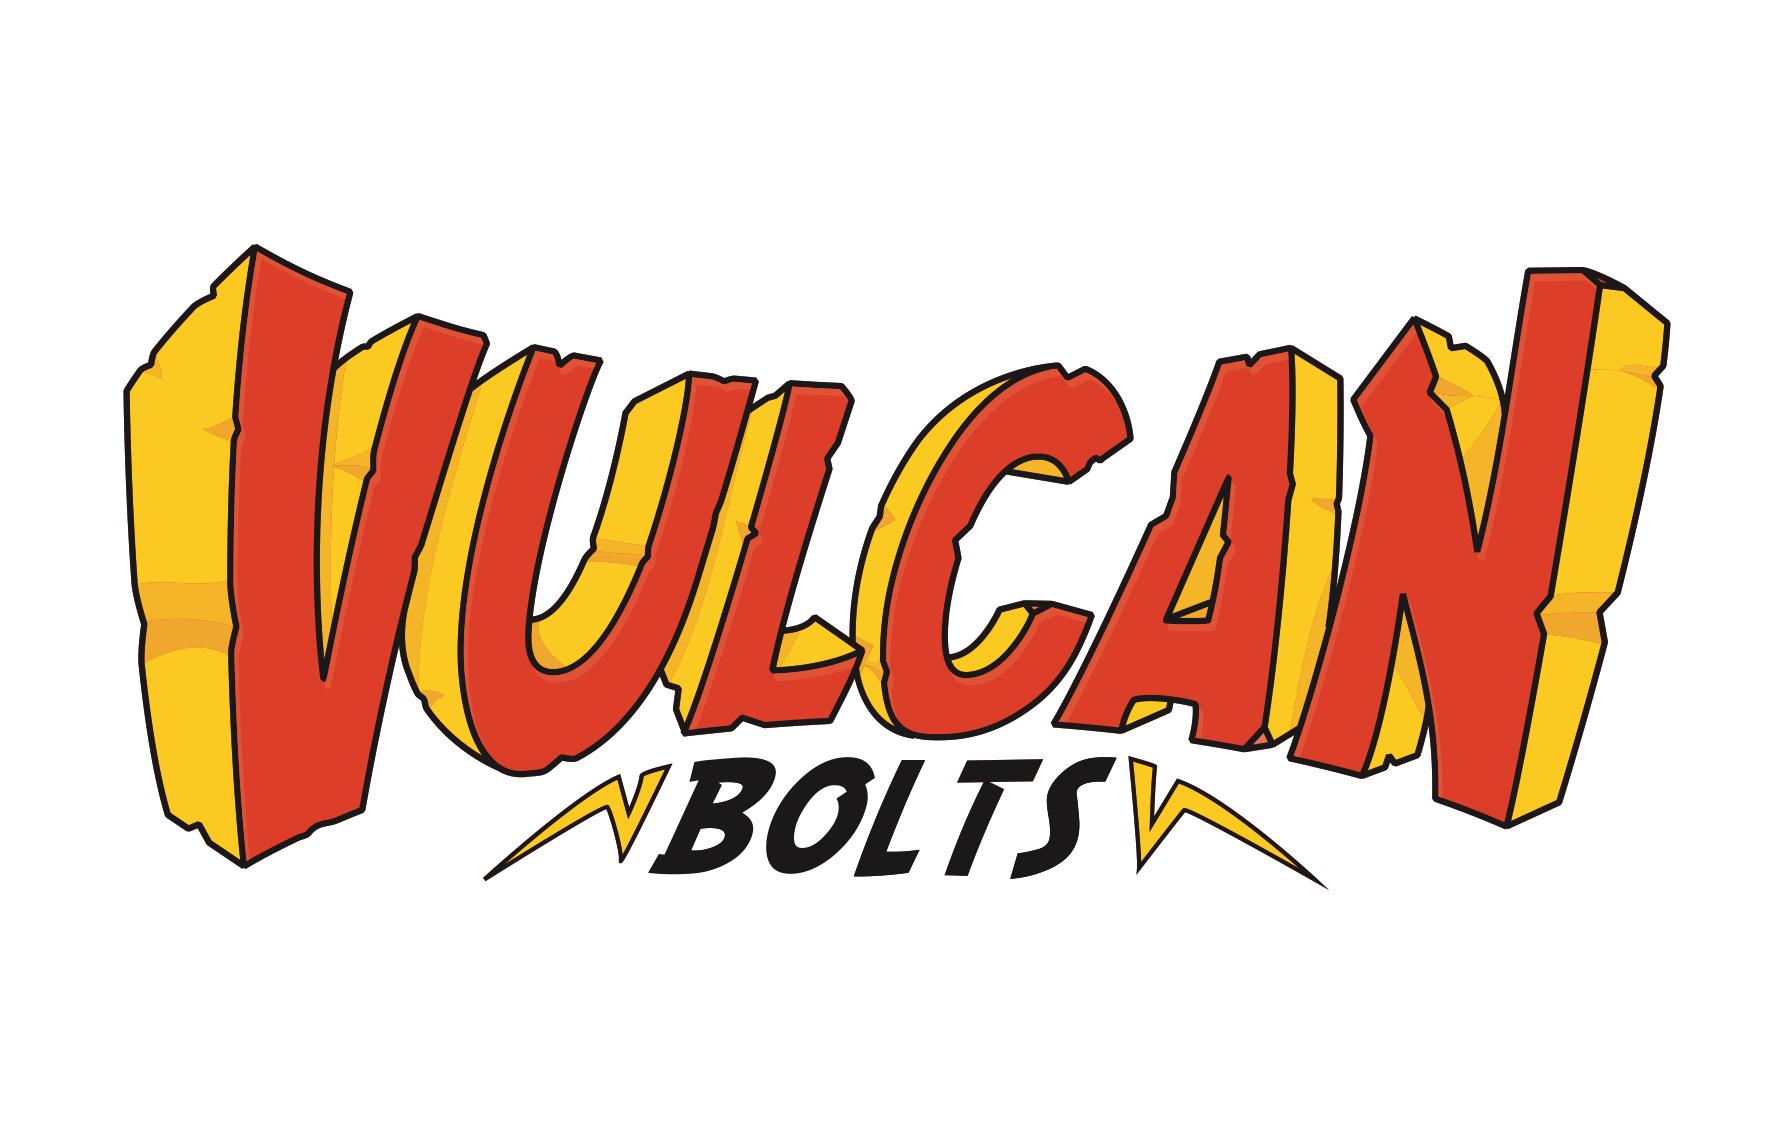 Vulcan Bolts